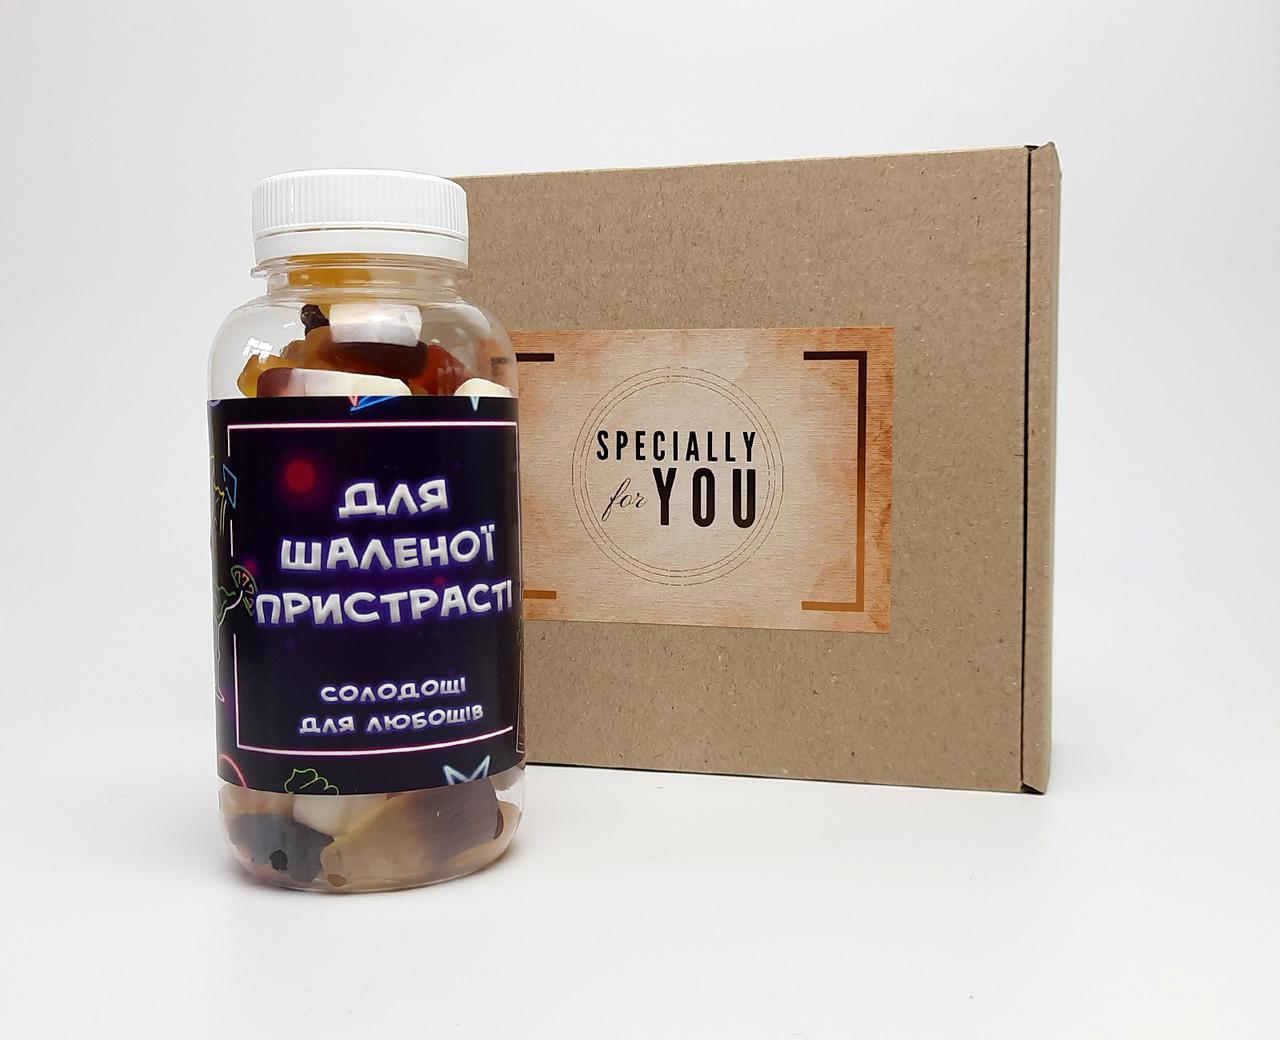 """Пикантный подарок """"Для неистовой страсти"""" (на укр) в праздничной крафтовой упаковке - Прикольный секс подарок"""